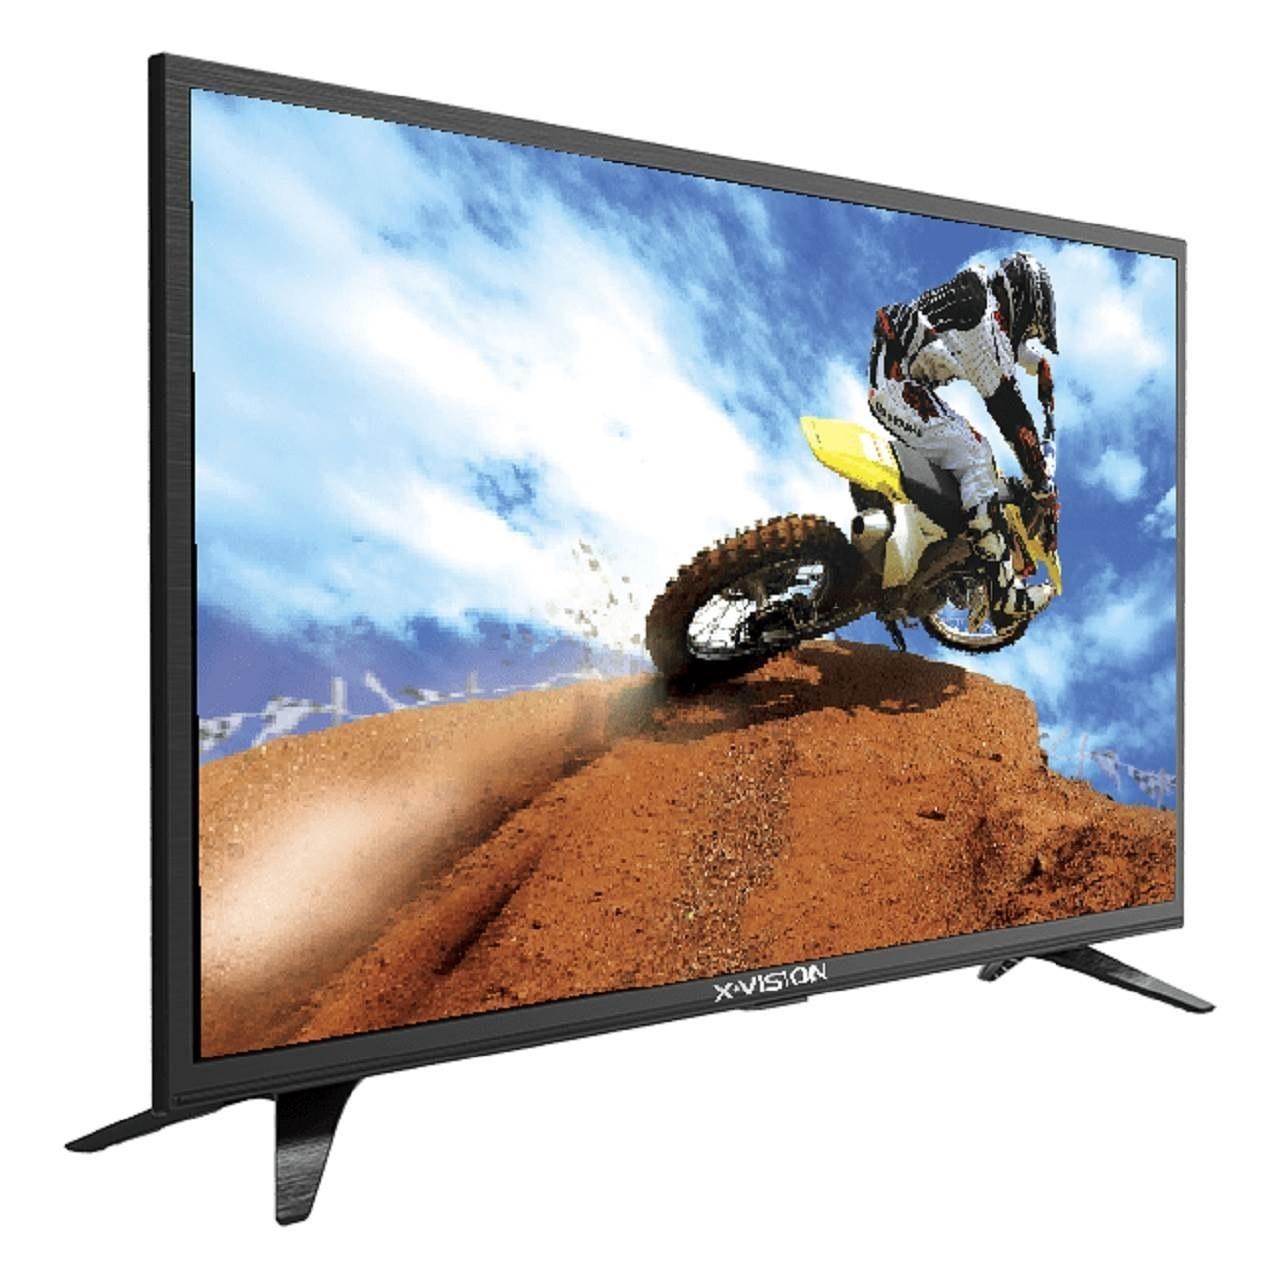 تصویر تلویزیون 32 اینچ ایکس ویژن مدل XT520 X.Vision 32XT520 TV